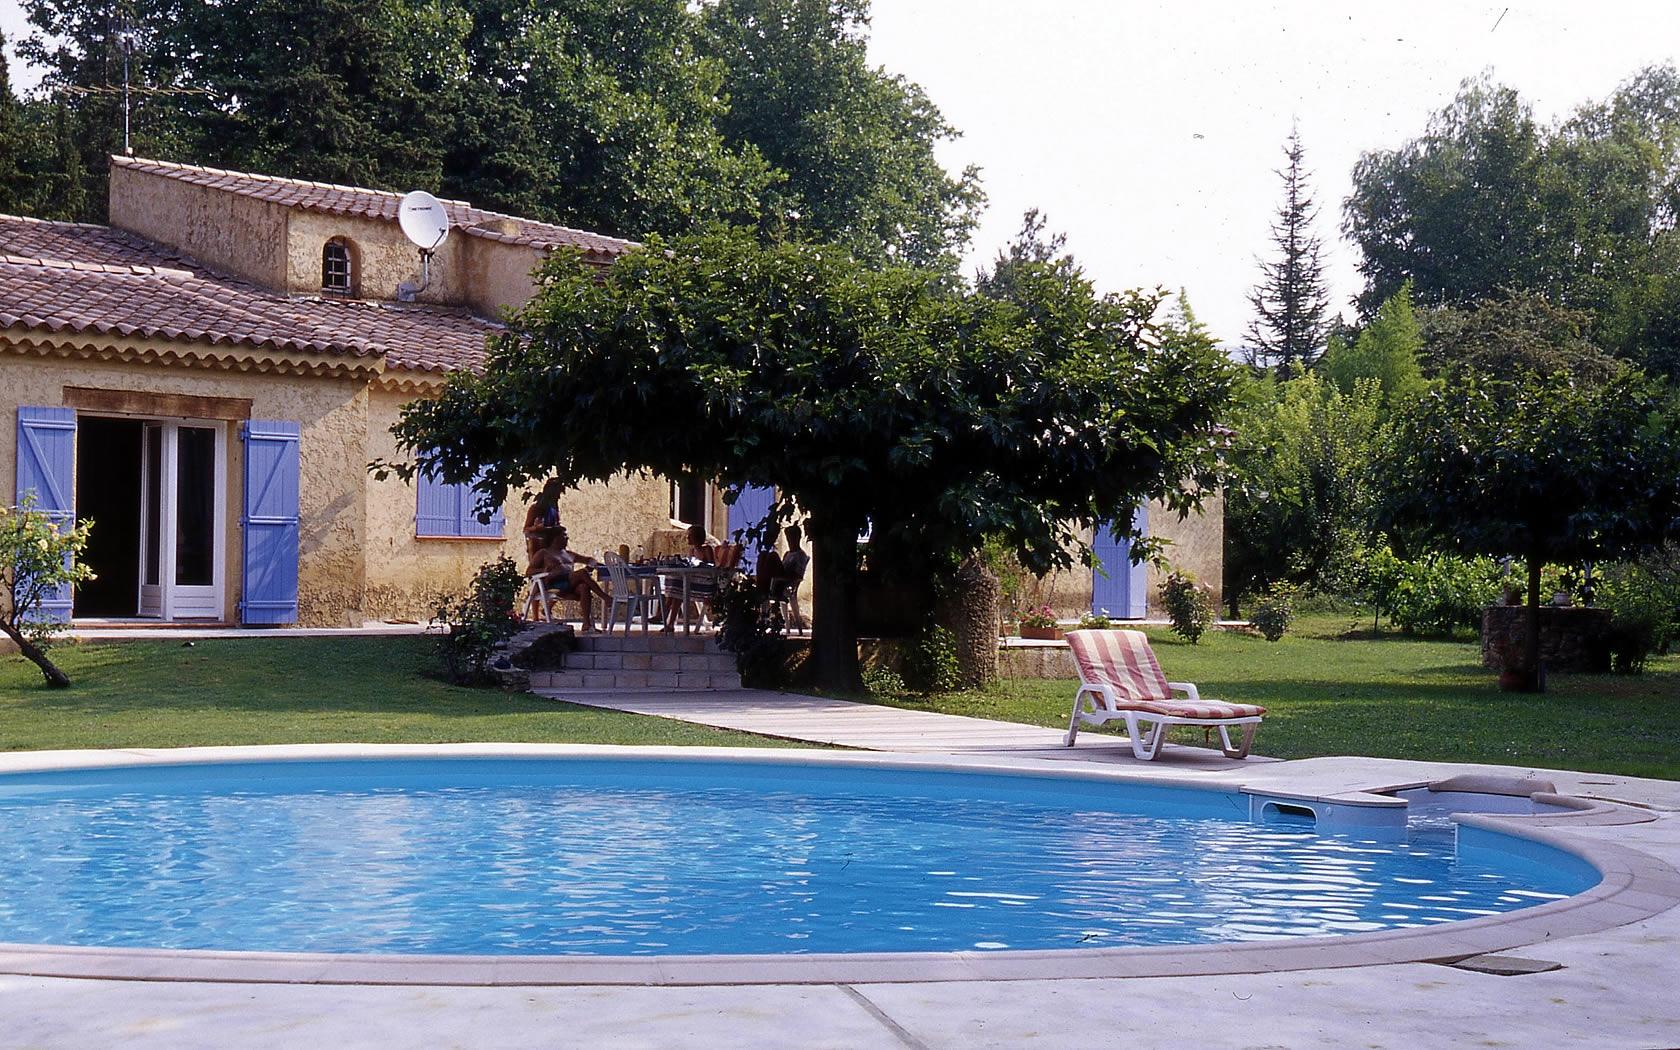 Piscina rosalie piscine waterair del taglia piscine piscine interrate per privati - Quanto costa una piscina interrata ...